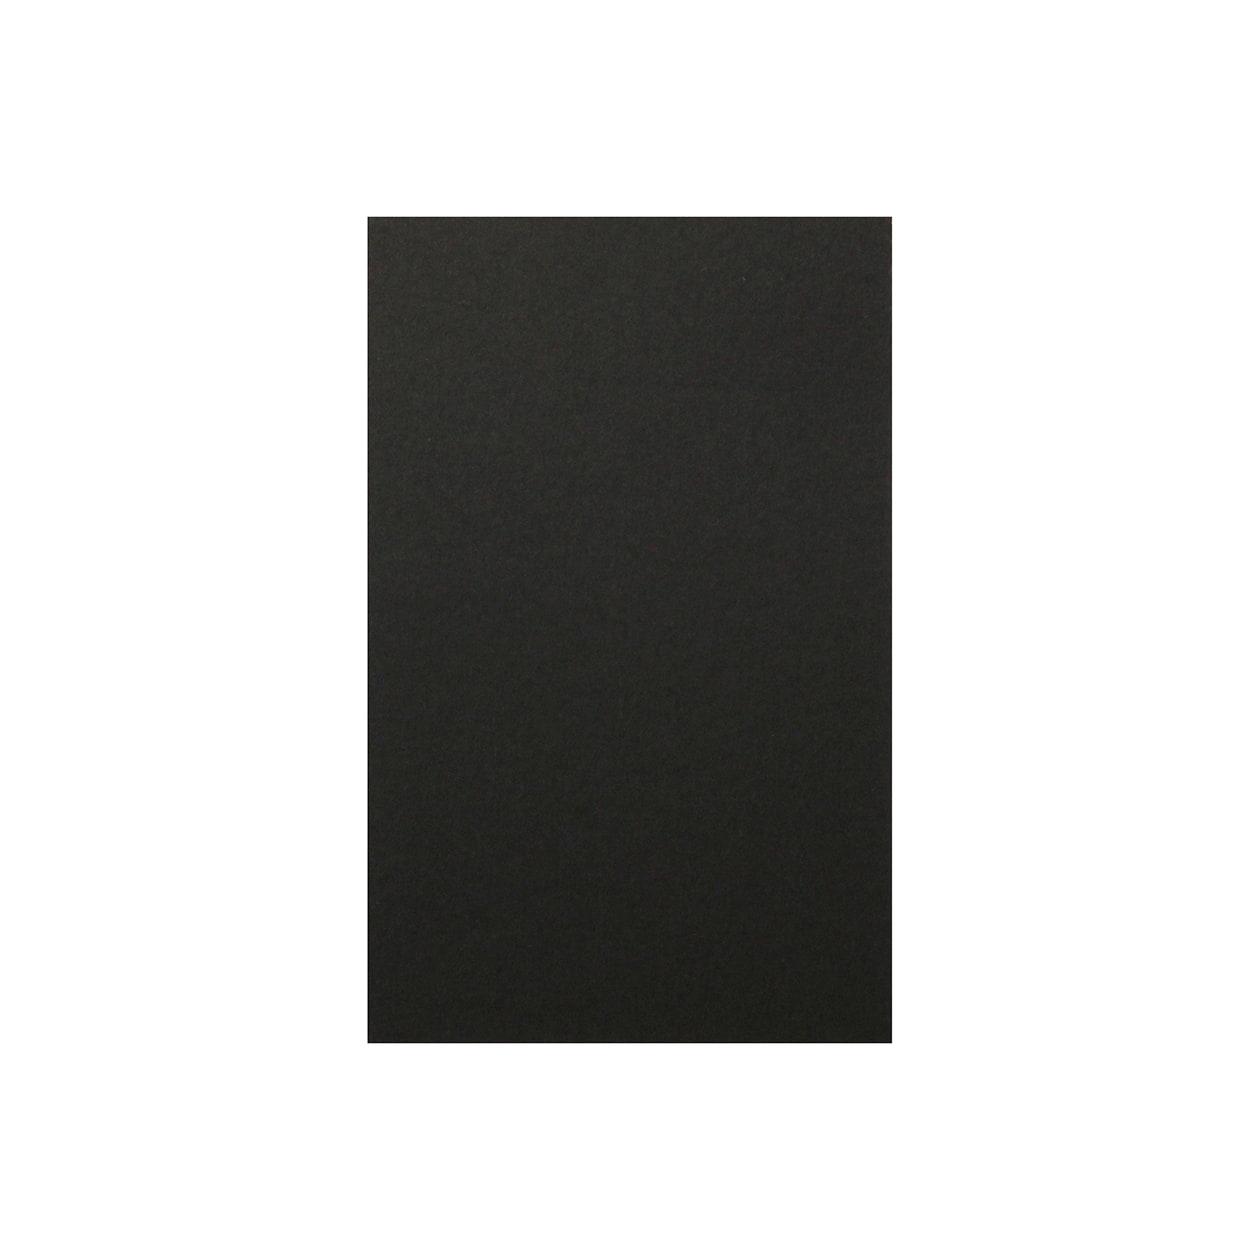 サンプル カード・シート 00342